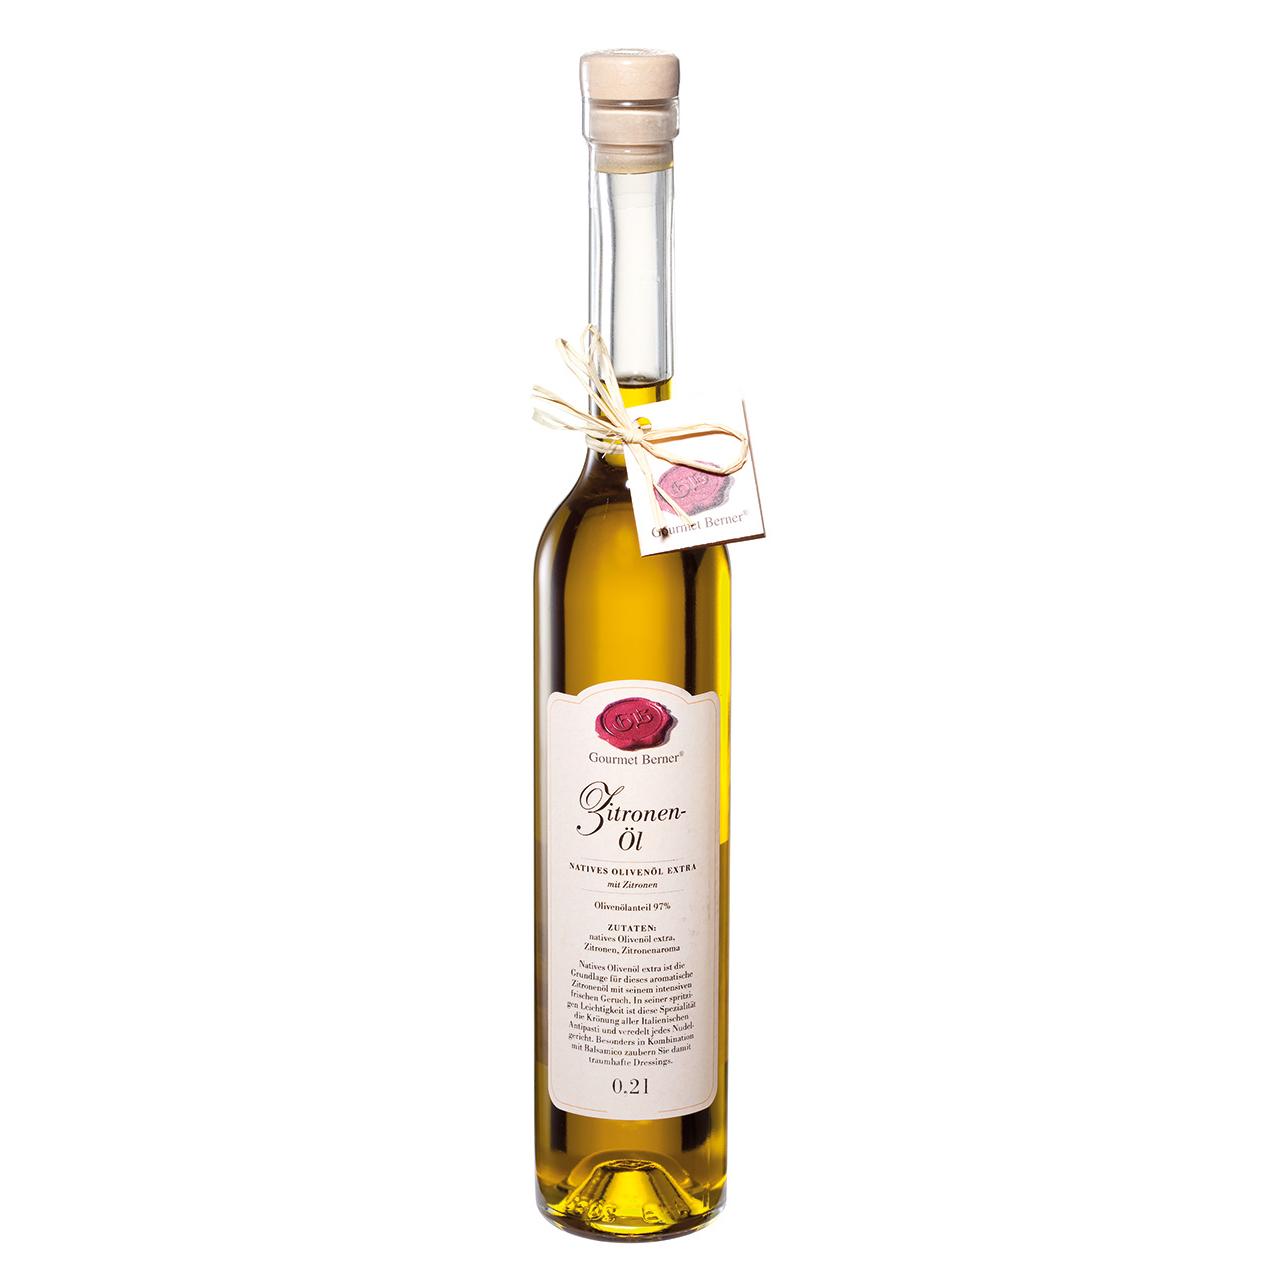 Zitronen-Öl - 0,2l - Gourmet Berner